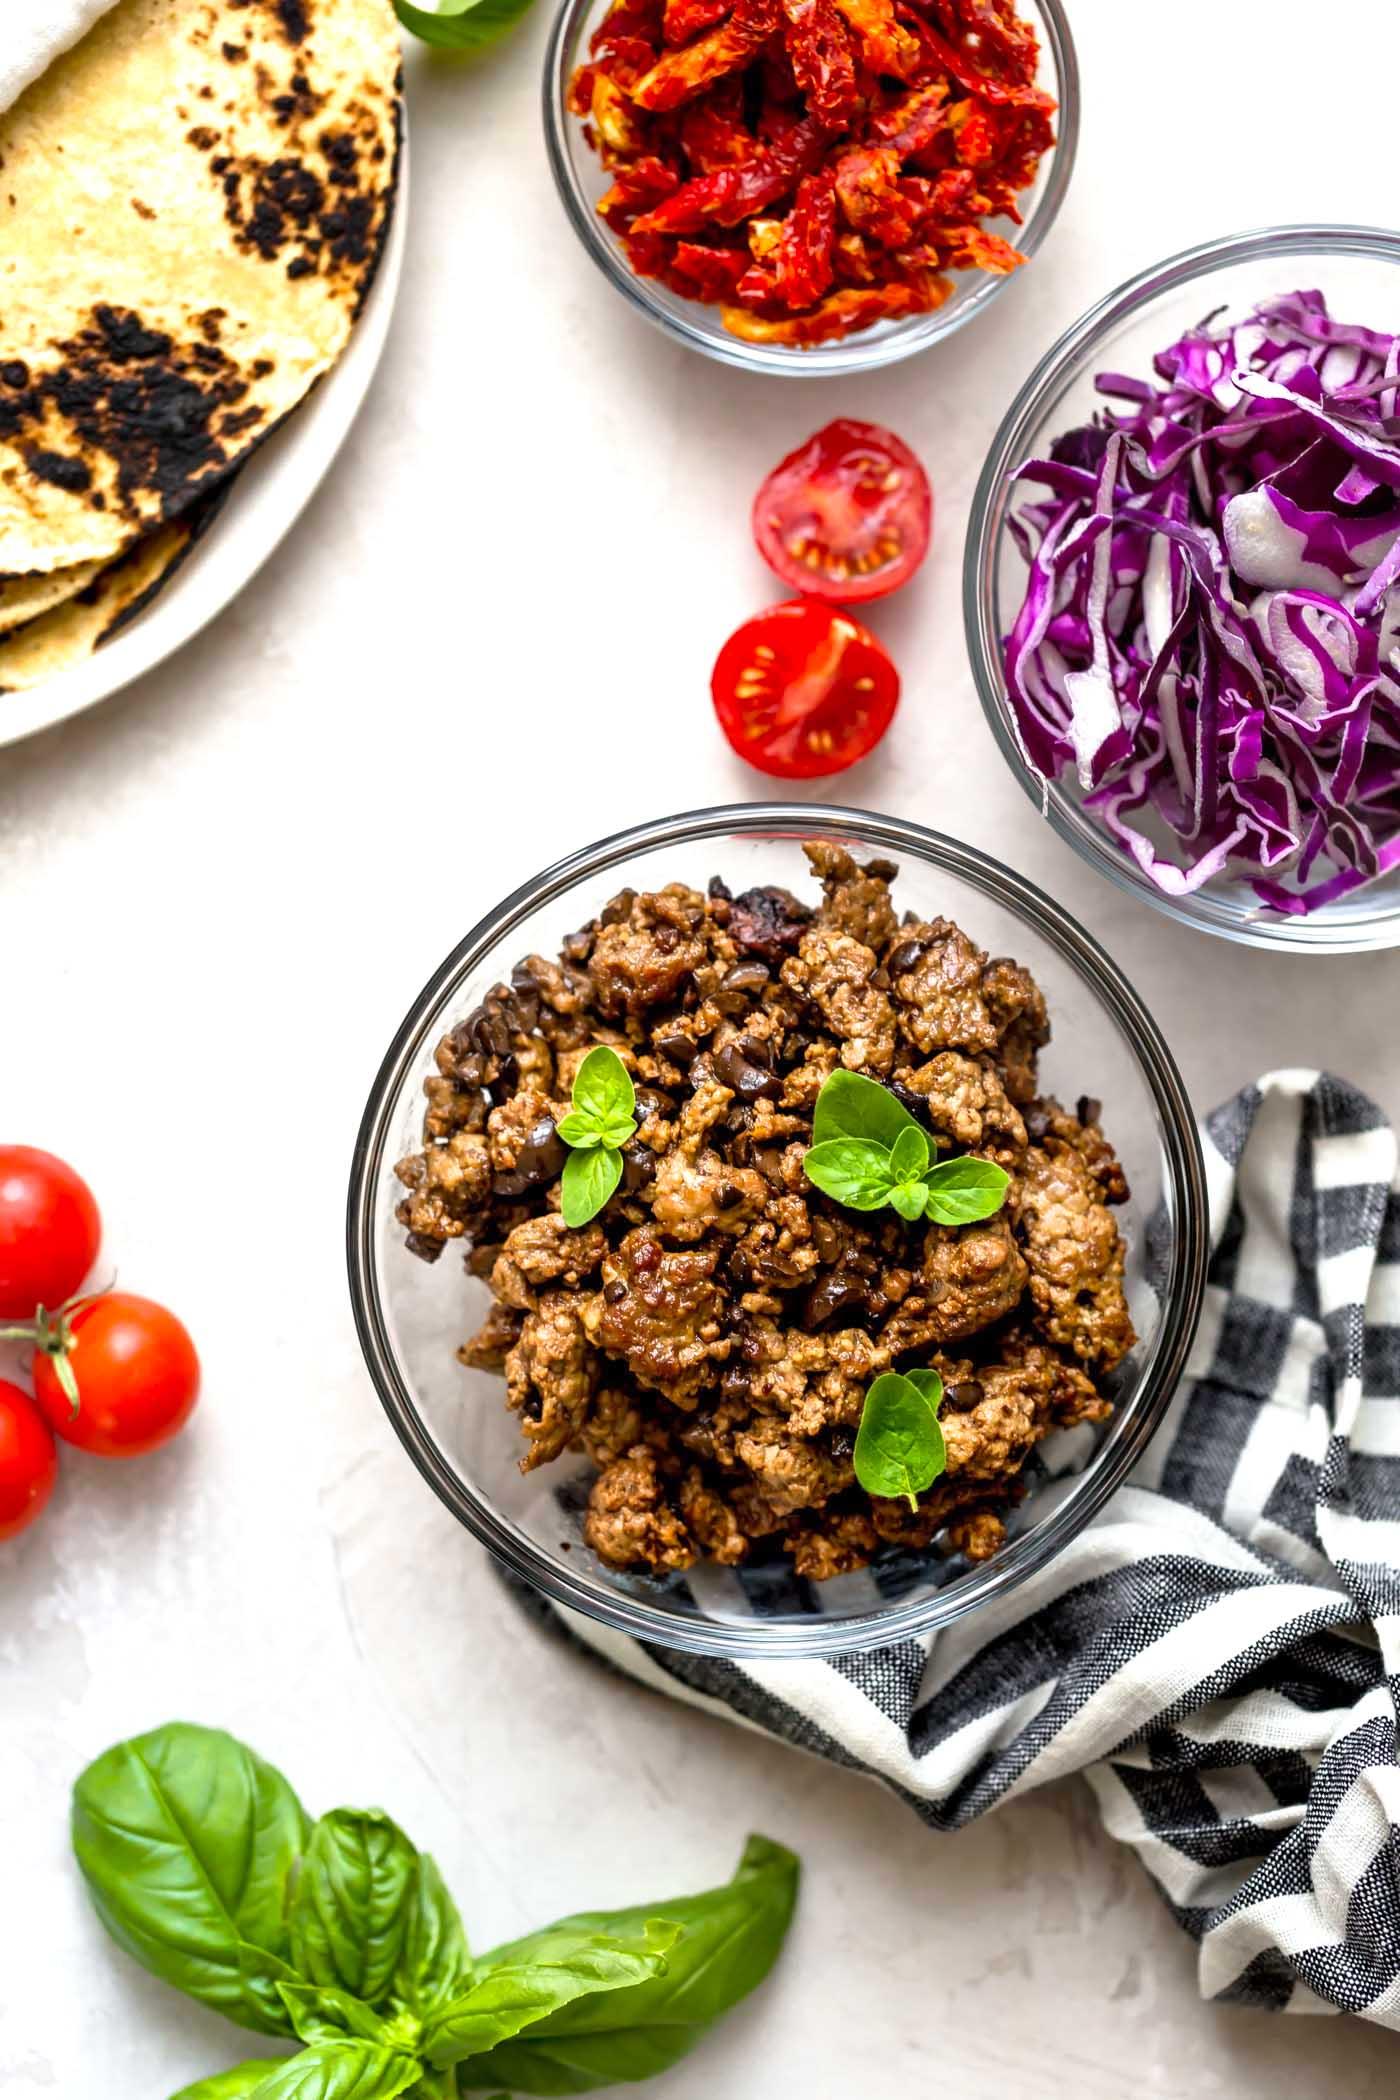 greek taco ingredients